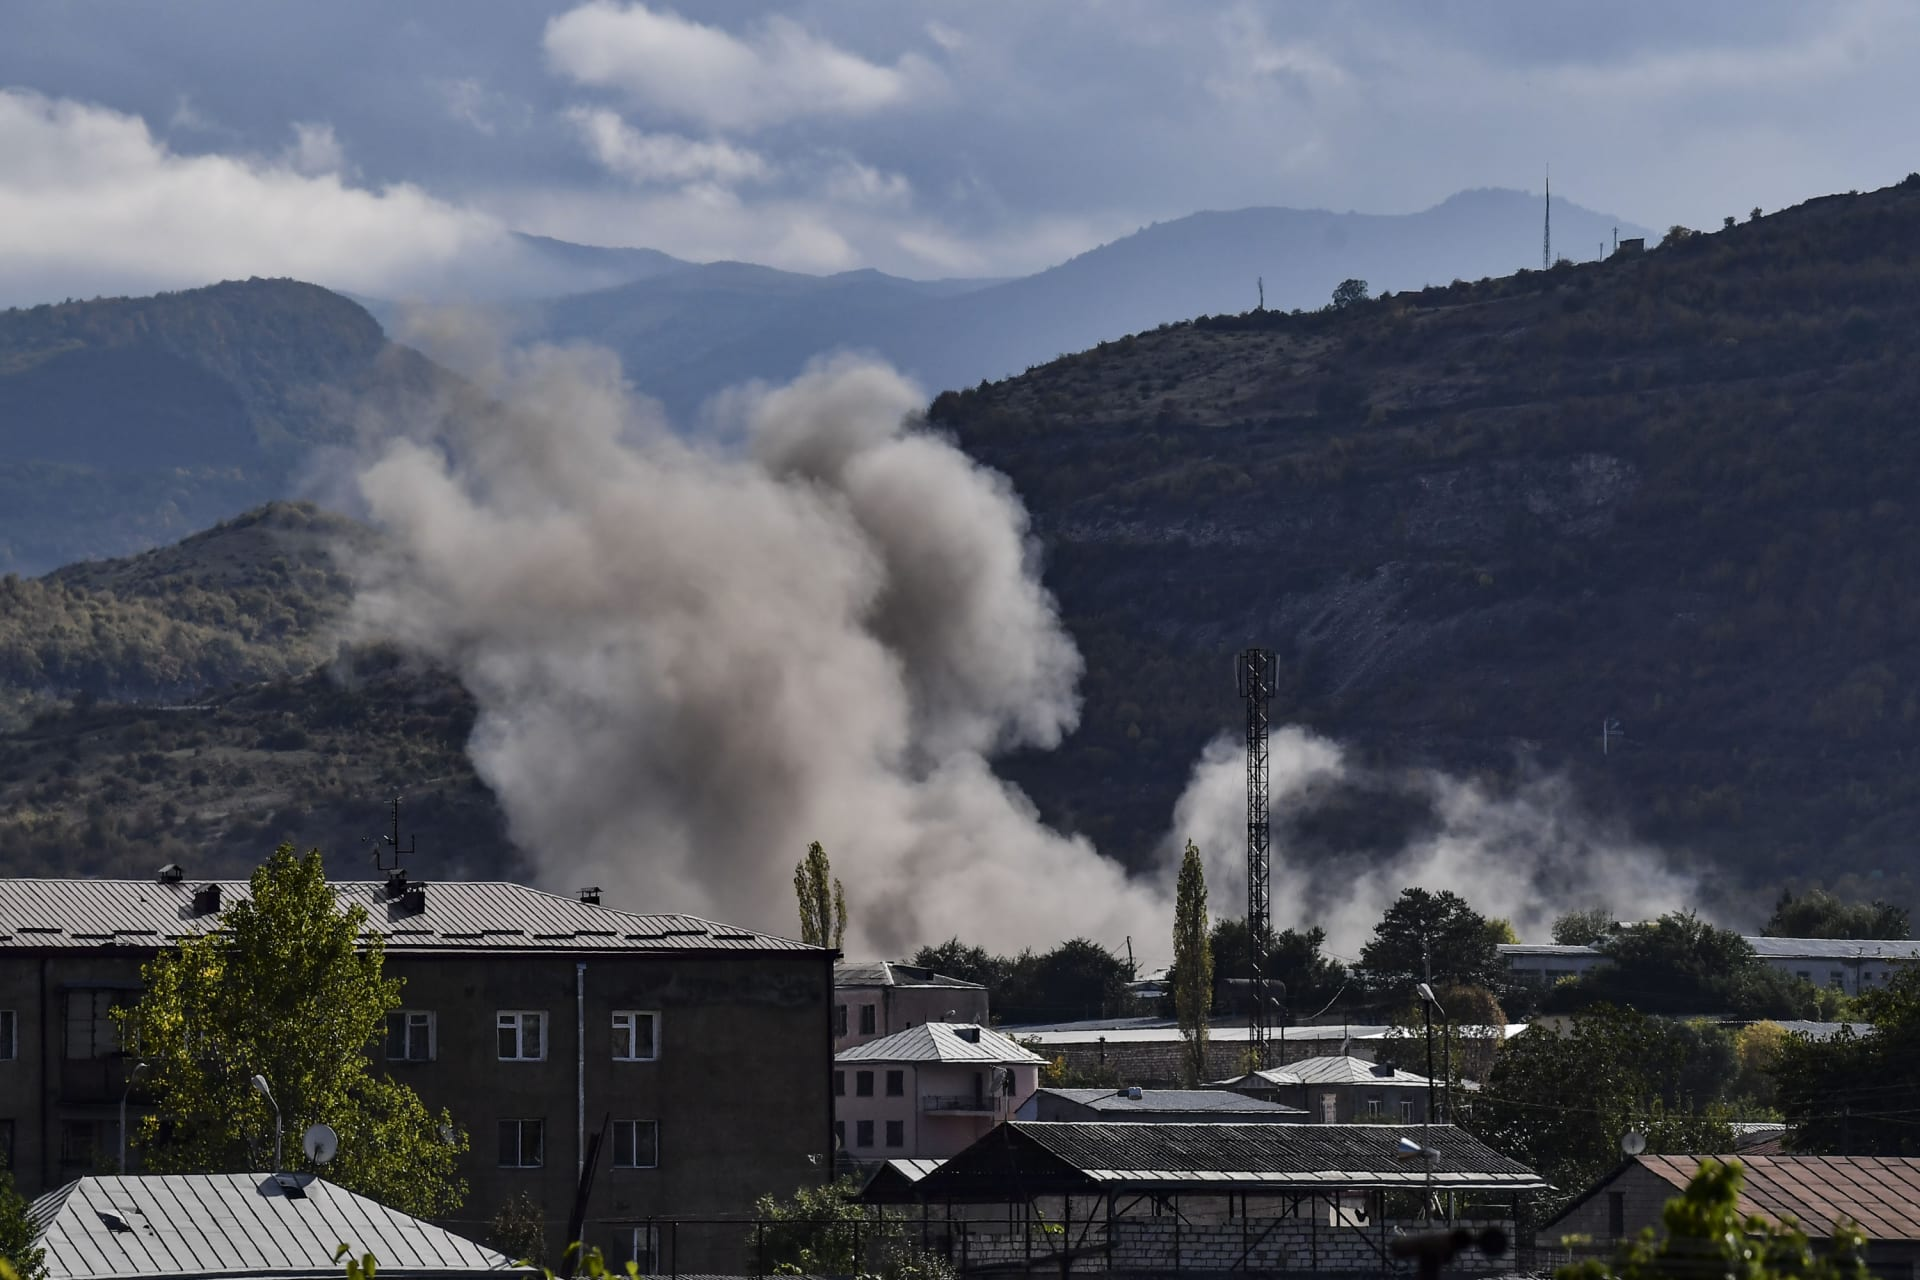 تجدد القتال بين أرمينيا وأذربيجان يبدد آمال وقف إطلاق النار.. وإيران تندد بسقوط قذائف بأراضيها